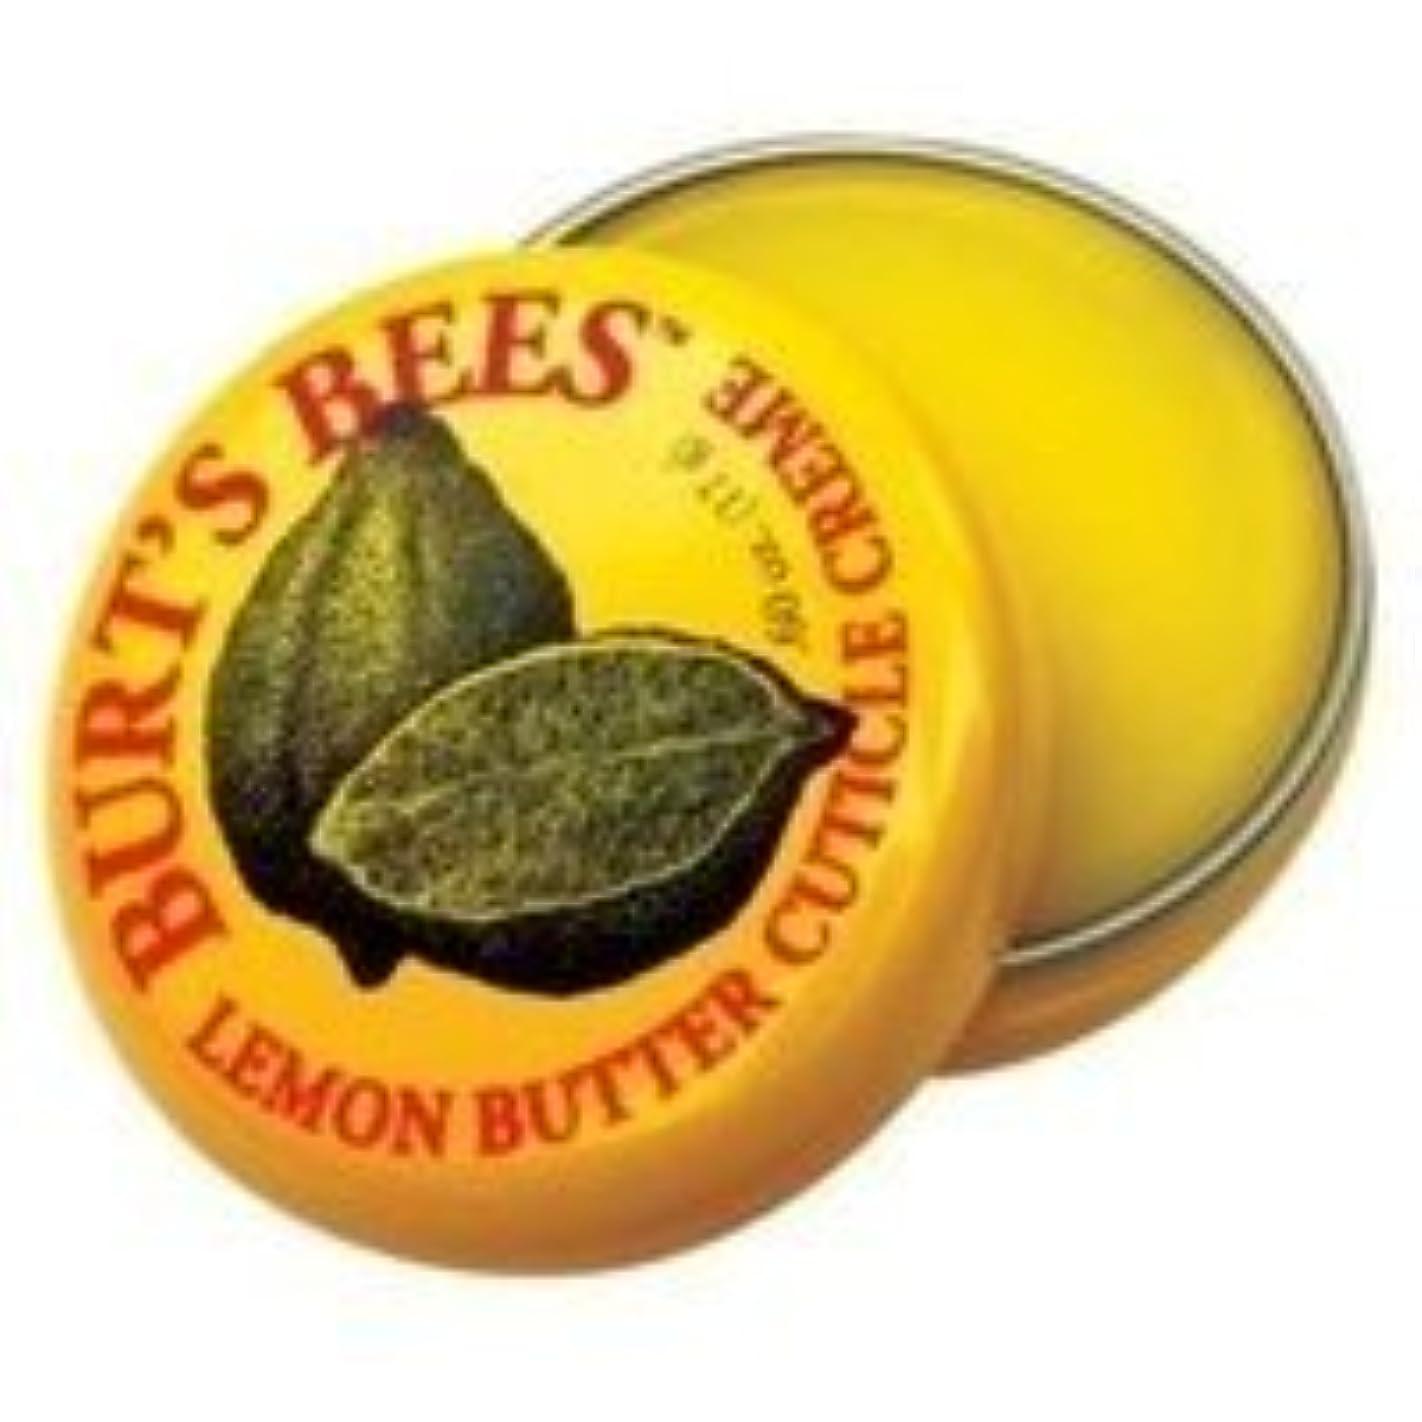 補助金ジム実施するバーツビー(バーツビーズ) レモンバターキューティクルクリーム 17g お得な3個セット